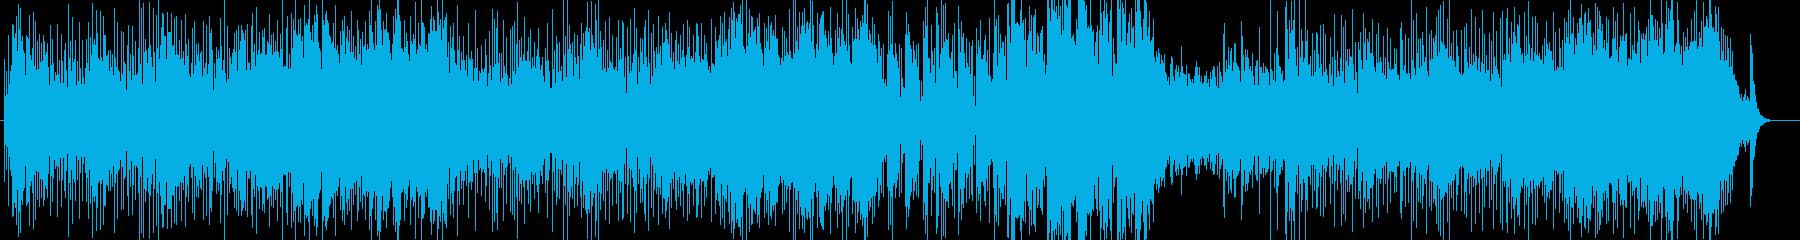 オルガンとシタールのアシッドジャズの再生済みの波形